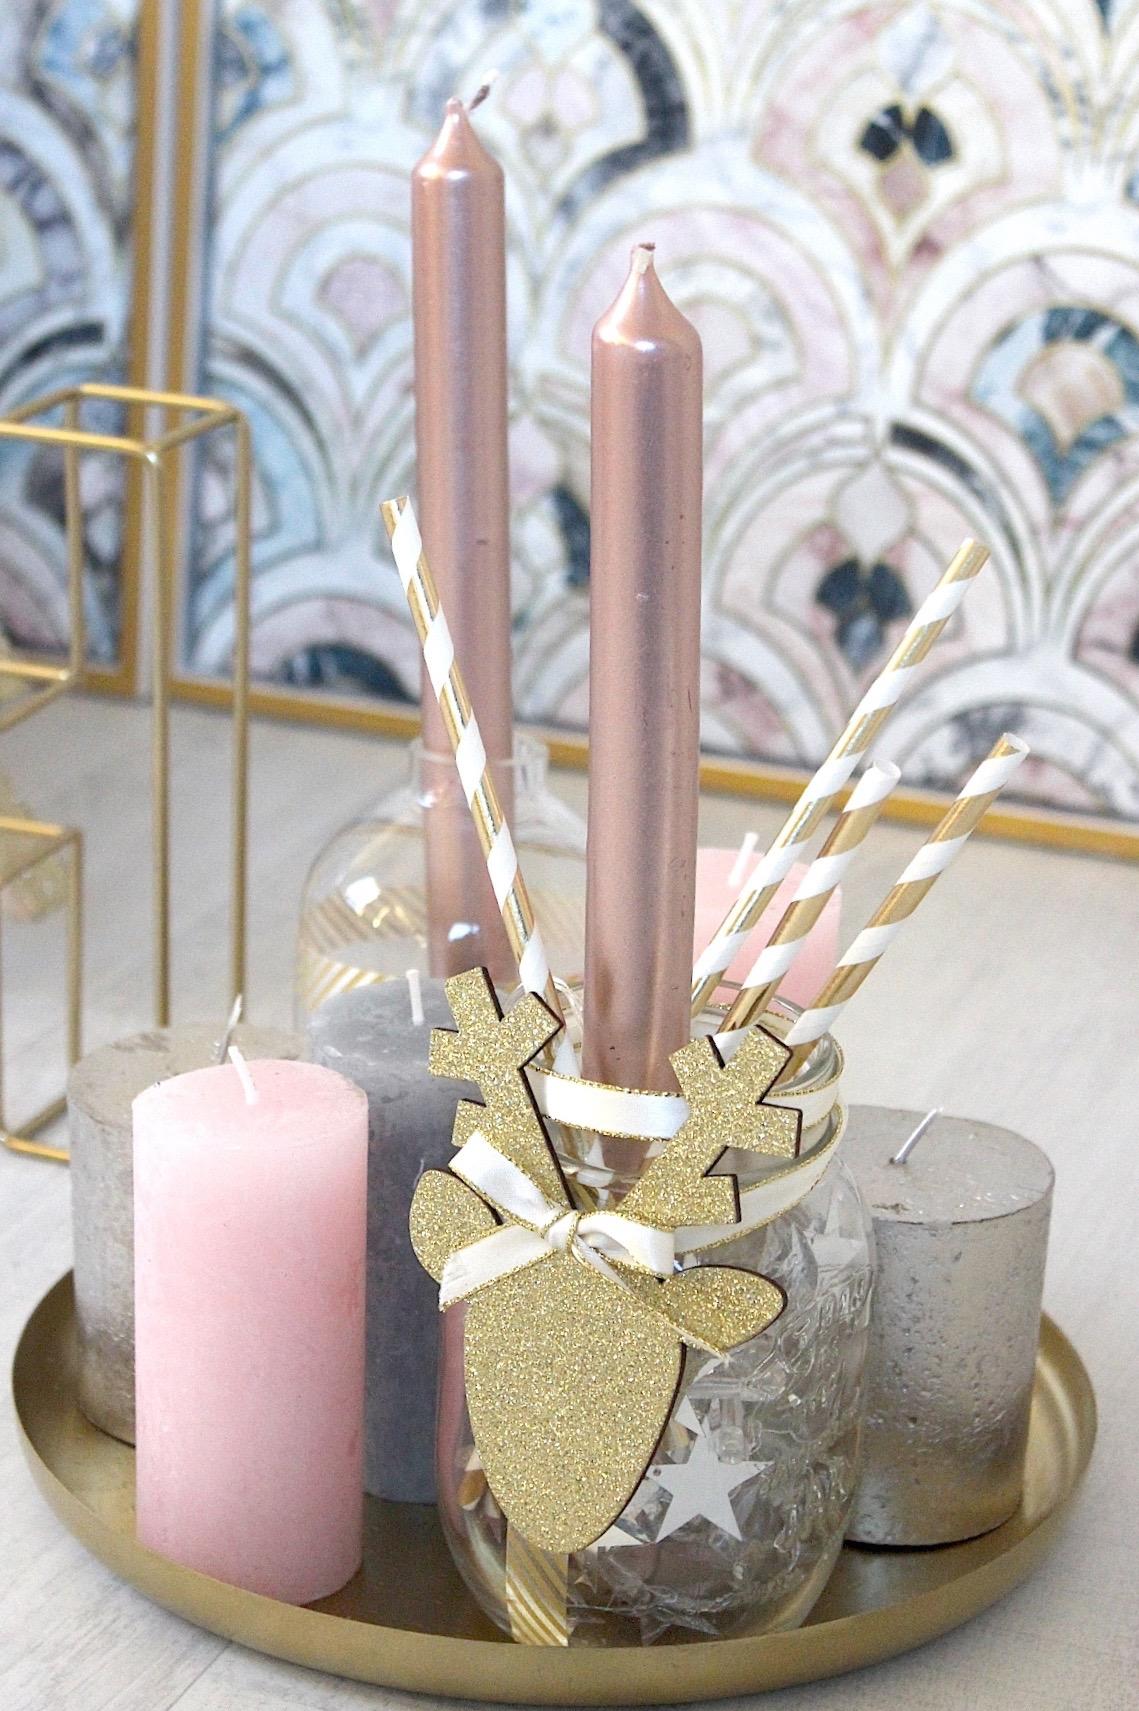 Skandinavischer Wohnstil Dekoration : Interior diy weihnachtliche deko